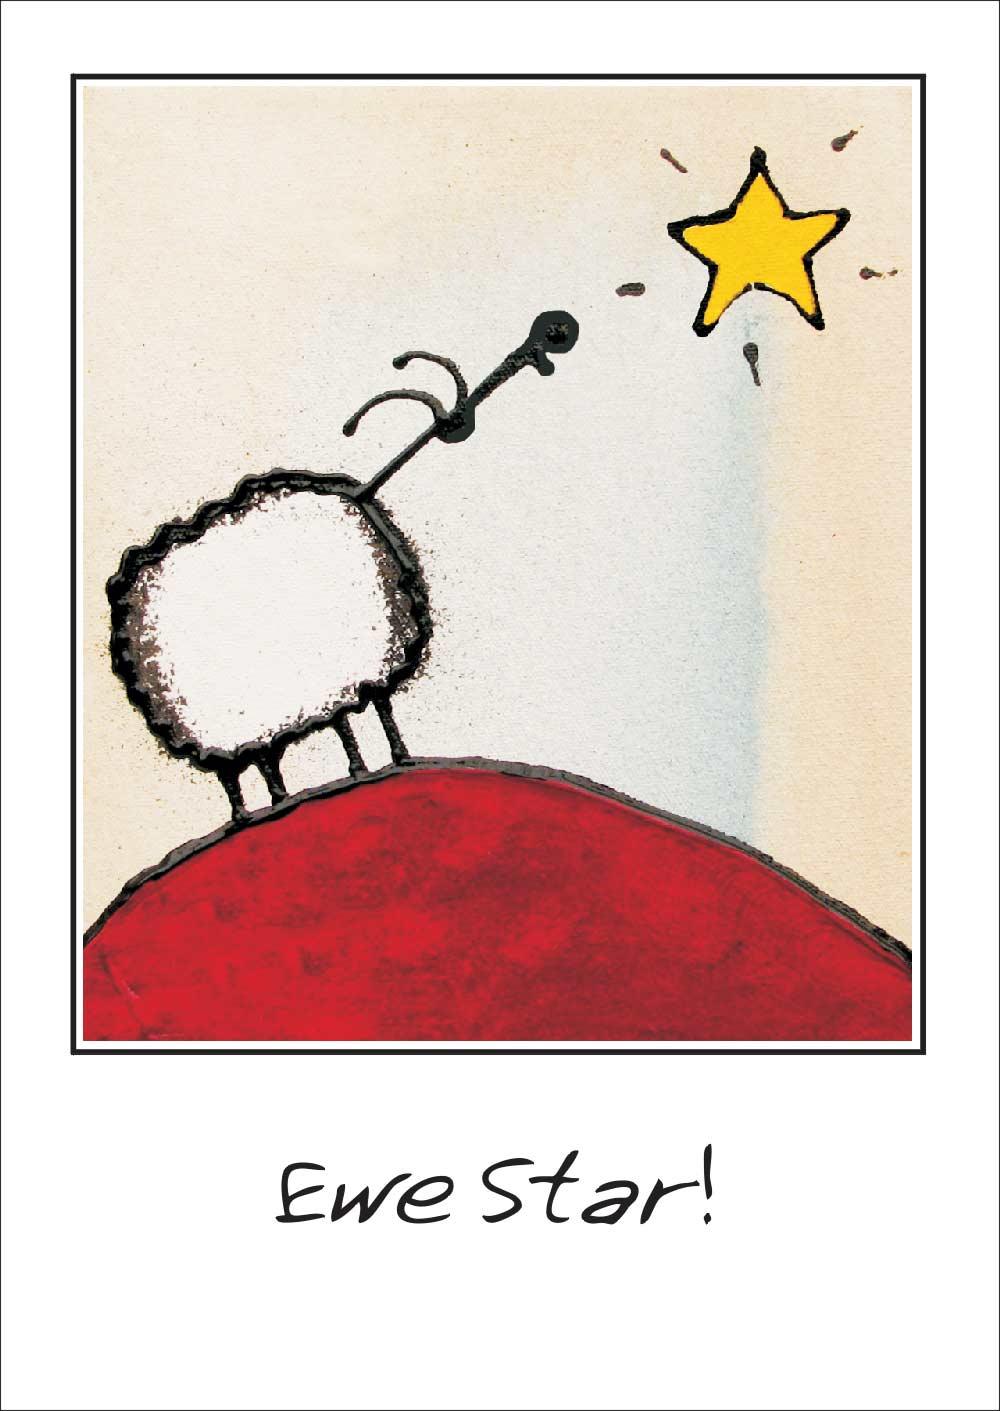 Ewe star greeting card art for ewe ewe star greeting card kristyandbryce Images